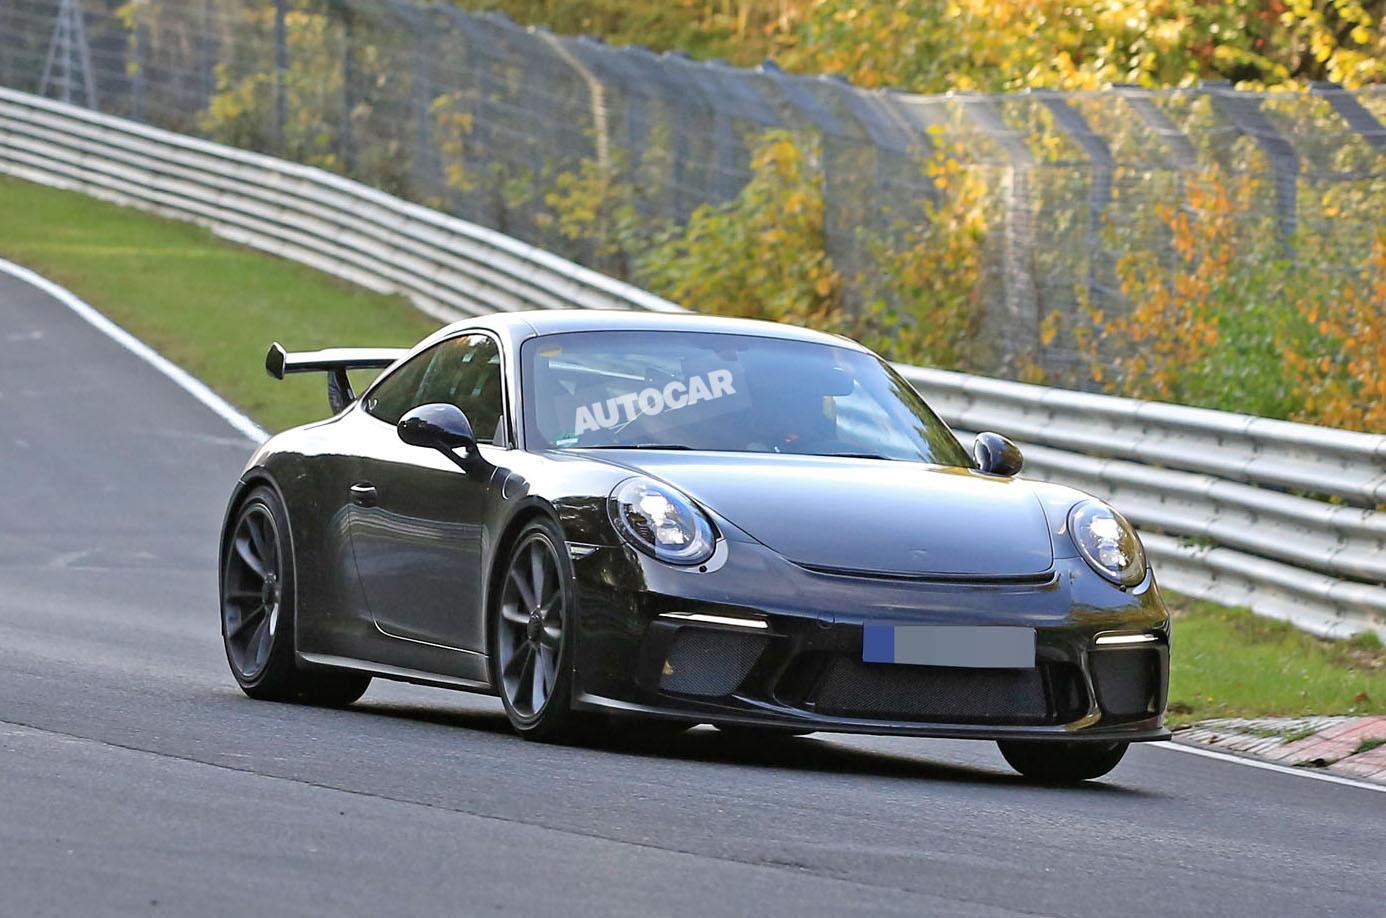 Porsche 911 gt3 rs review 2017 autocar - Porsche 911 Gt3 Rs Review 2017 Autocar 14